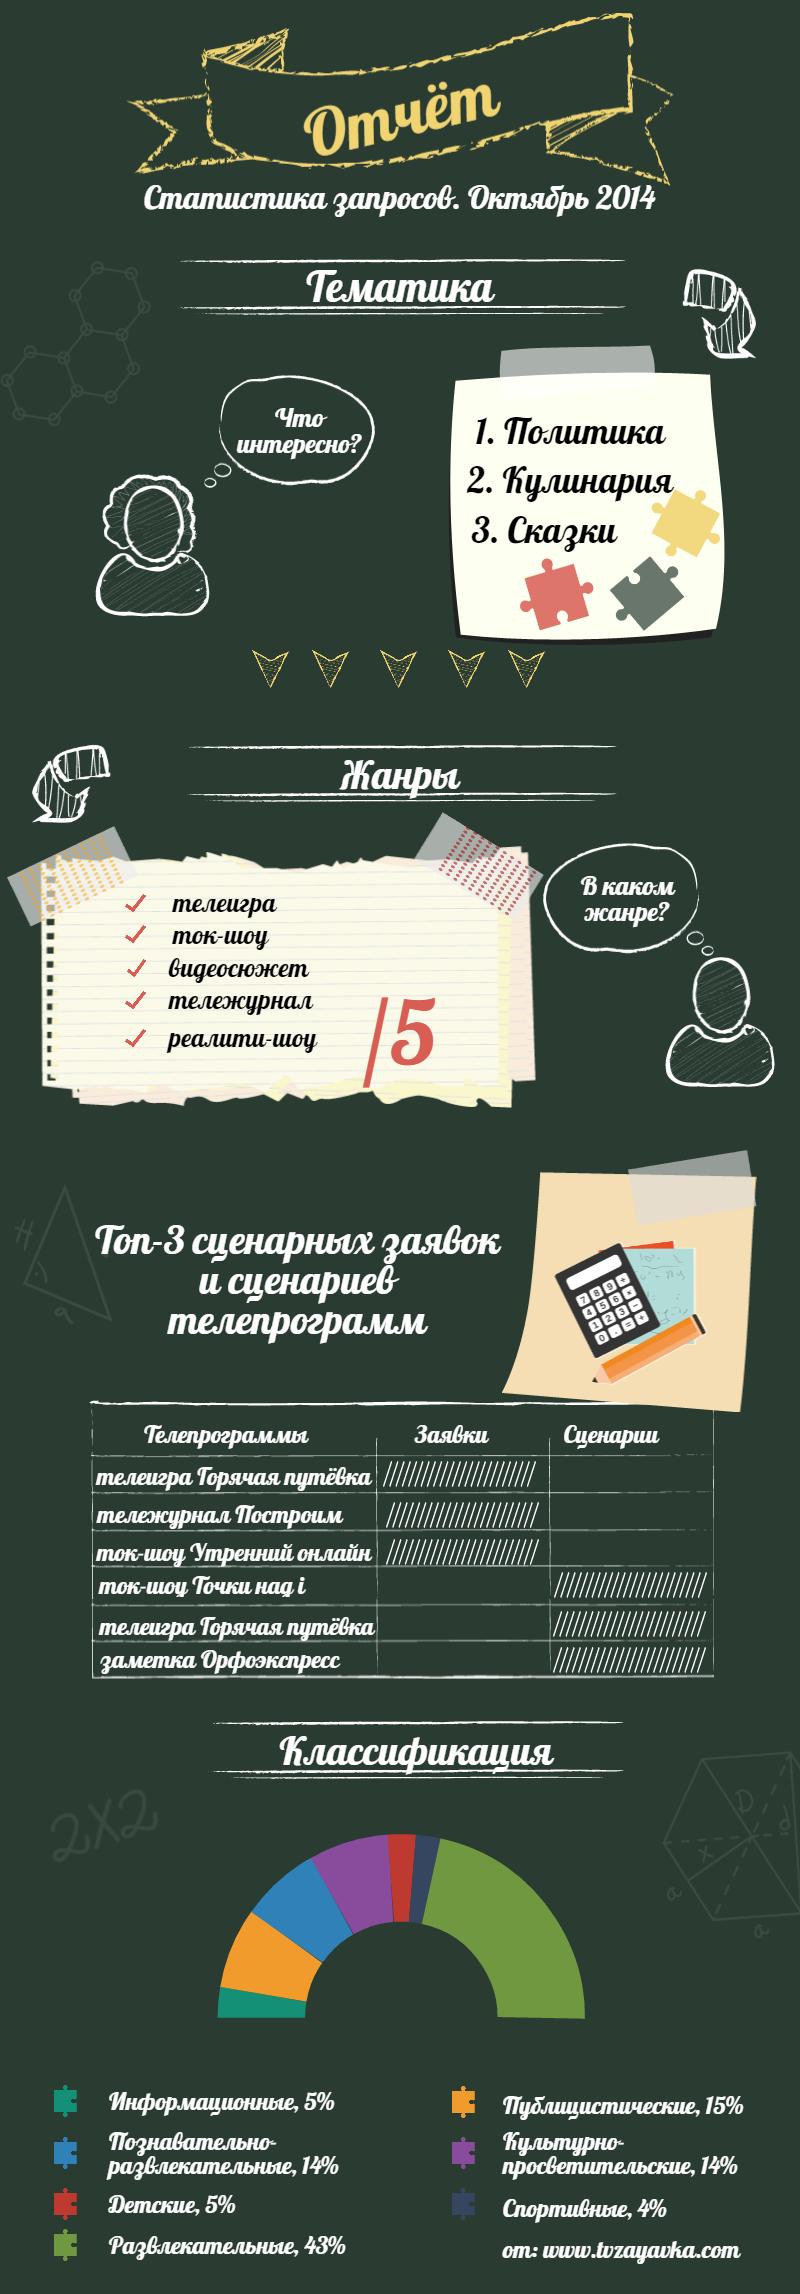 Статистика запросов. 10. 2014 г.